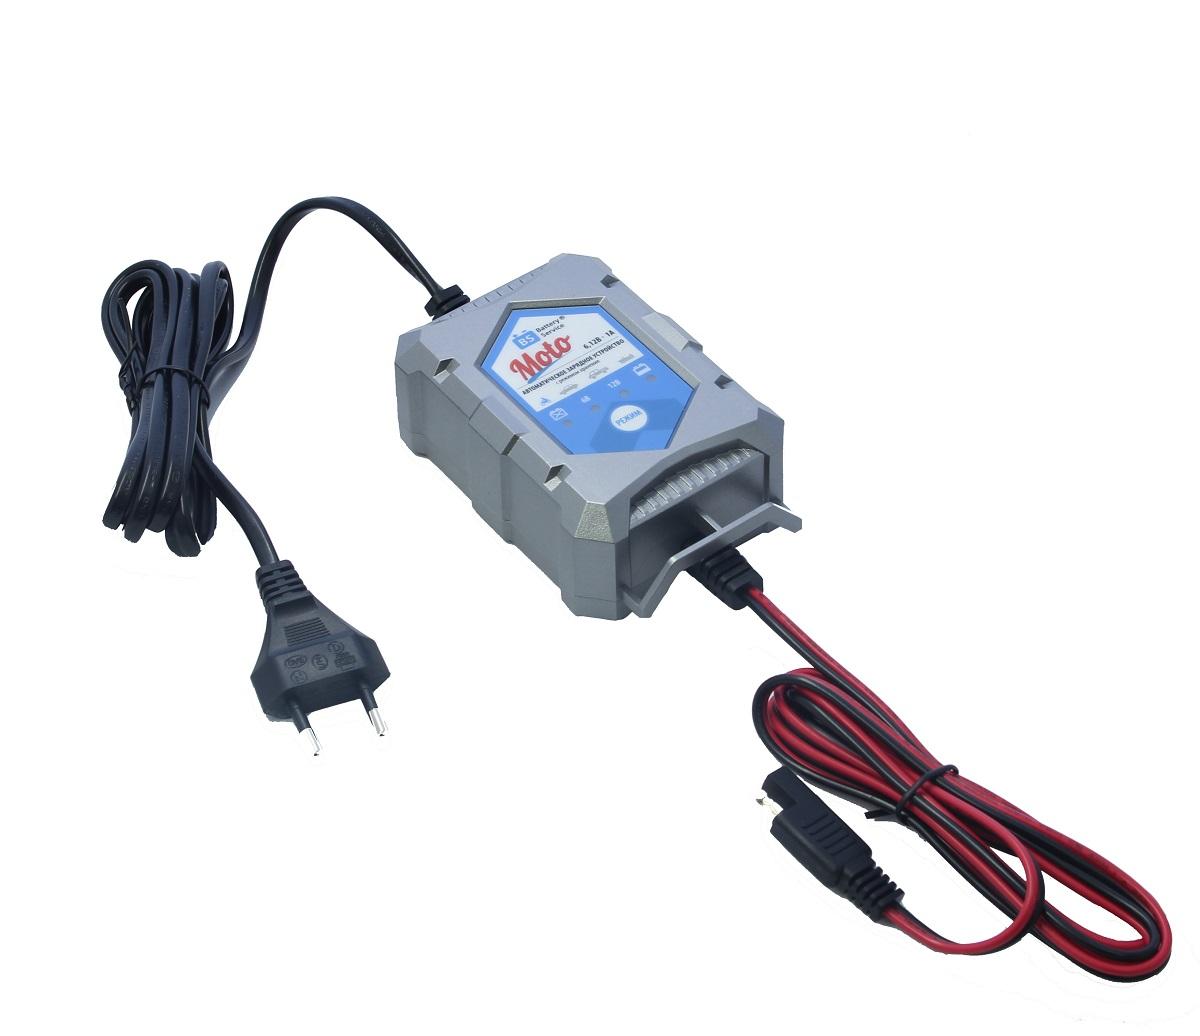 Зарядное устройство Battery Service Moto. PL-C001PZTCC2AA8Многоступенчатое зарядное устройство Battery Service Moto с режимами восстановления глубокоразряженных аккумуляторных батарей, десульфатации и хранения. Интеллектуальное управление микропроцессором. Заряжает все типы 6В и 12В свинцово-кислотных аккумуляторных батарей, в т.ч. AGM, GEL. Защита от короткого замыкания, переполюсовки, перегрева. Гарантия 2 года. Пыле и влагозащищенный корпус IP65. Moto рекомендуется для АКБ от 1,2 Ач до 24 Ач. Ток зарядки: 1,0А. Восстановление АКБ разряженной до 4,5В. Температурный режим: -20...+40°С. В комплект устройства входят аксессуары: кольцевой разъем постоянного подключения и зажимы типа крокодил. Совместимо с аксессуарами сторонних производителей с разъемом SAE.